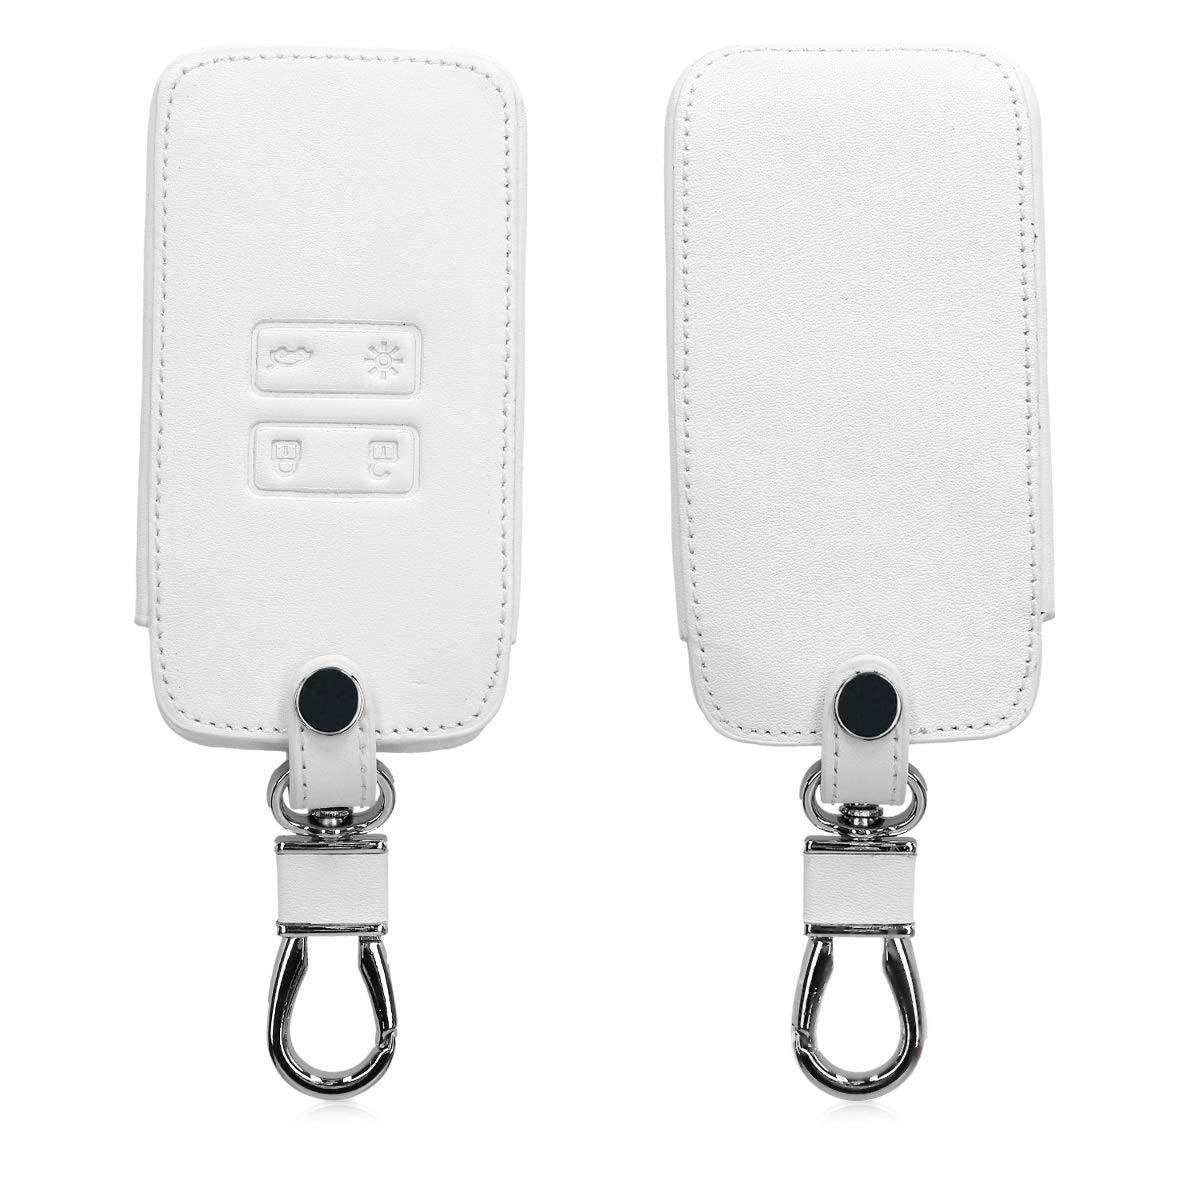 kwmobile Funda para Llave Smart Key de 4 Botones para Coche Renault (Solamente Keyless Go